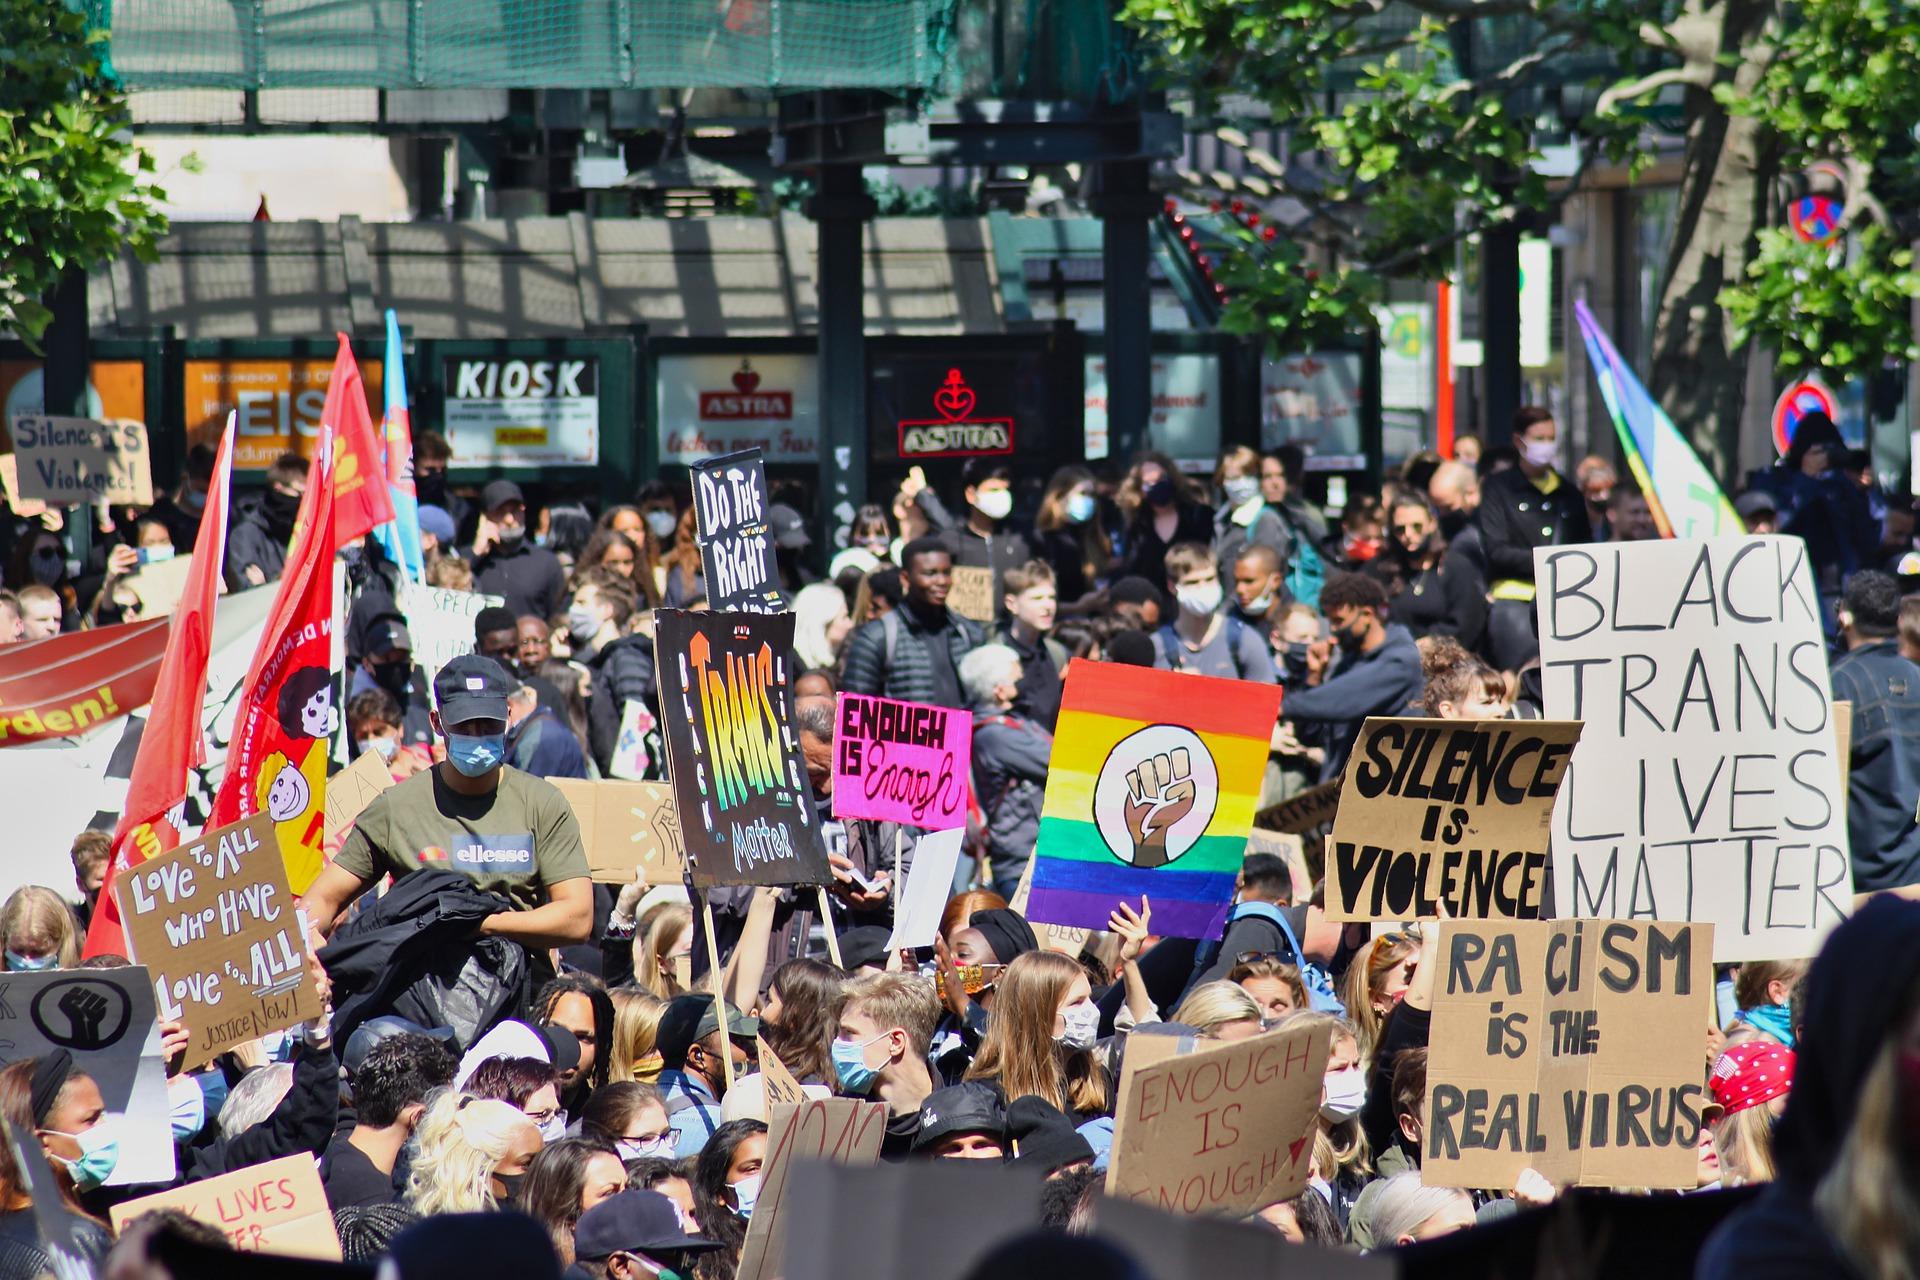 Manifestations antiracisme aux États-Unis : l'Europe doit faire preuve d'avant-gardisme politique